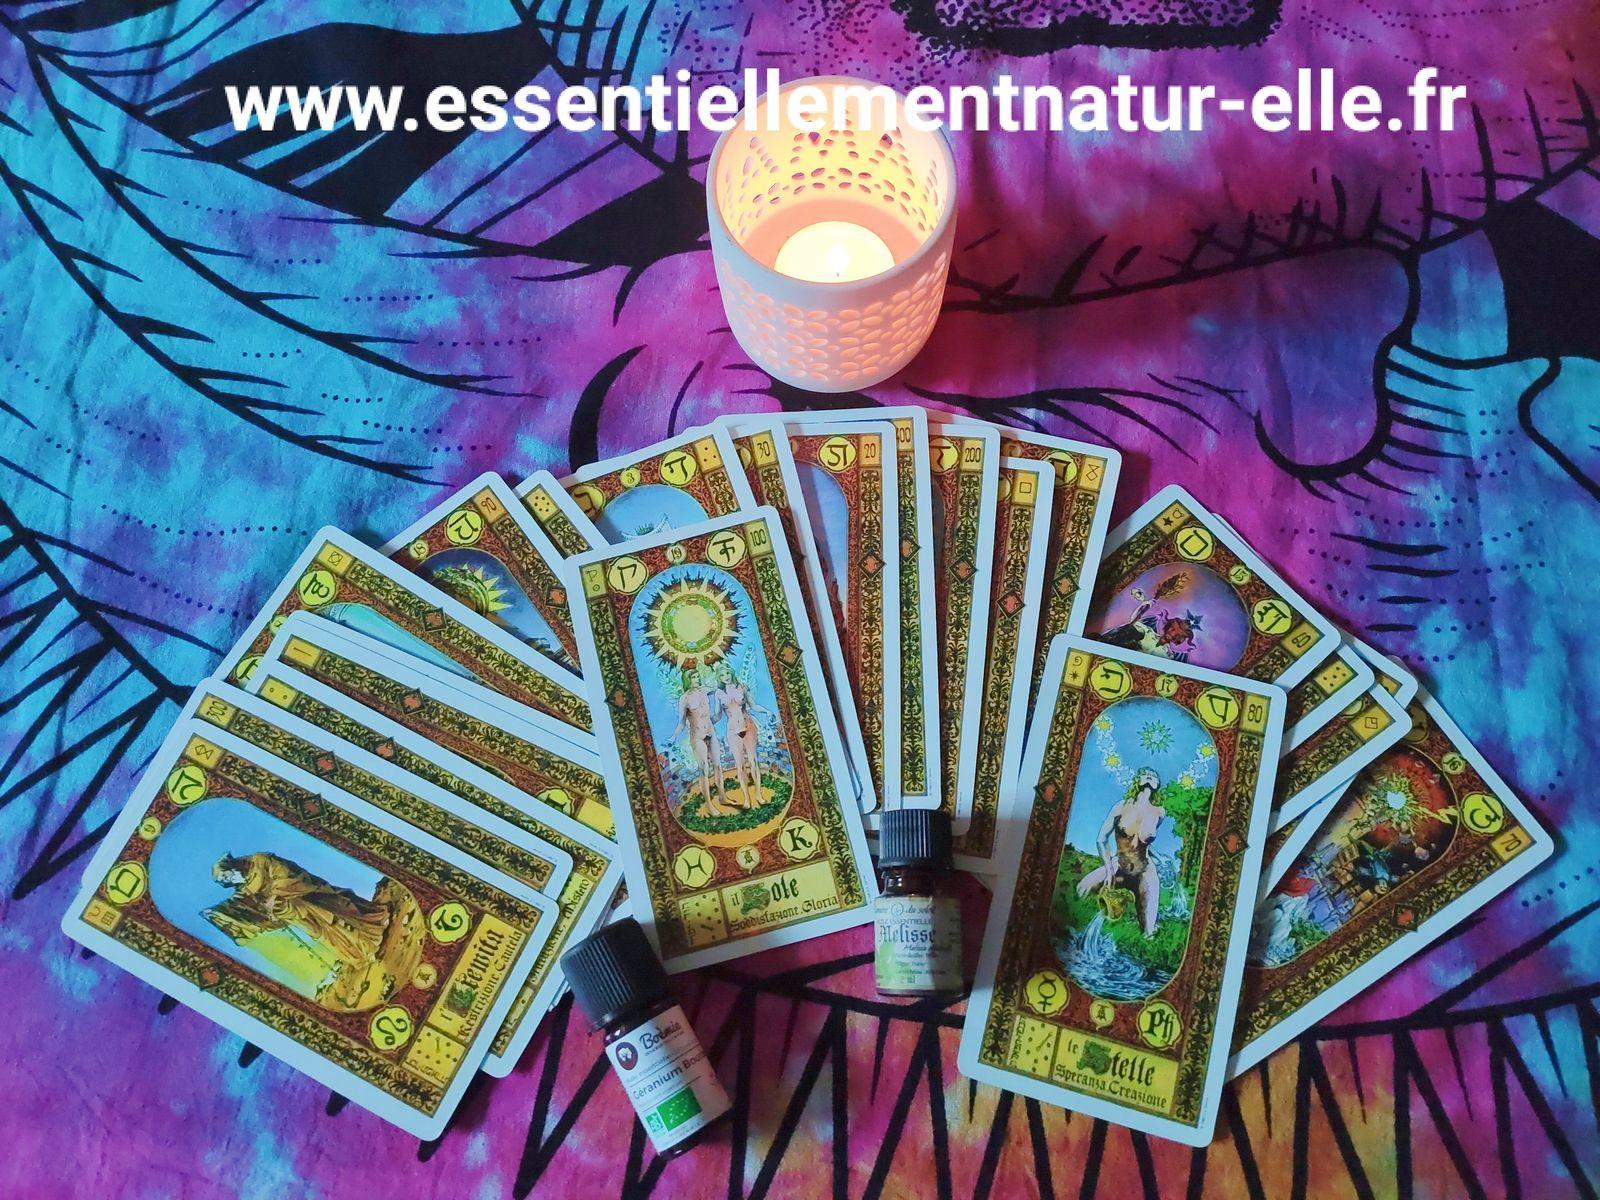 Tarot de Marseille et aromathérapie énergétique